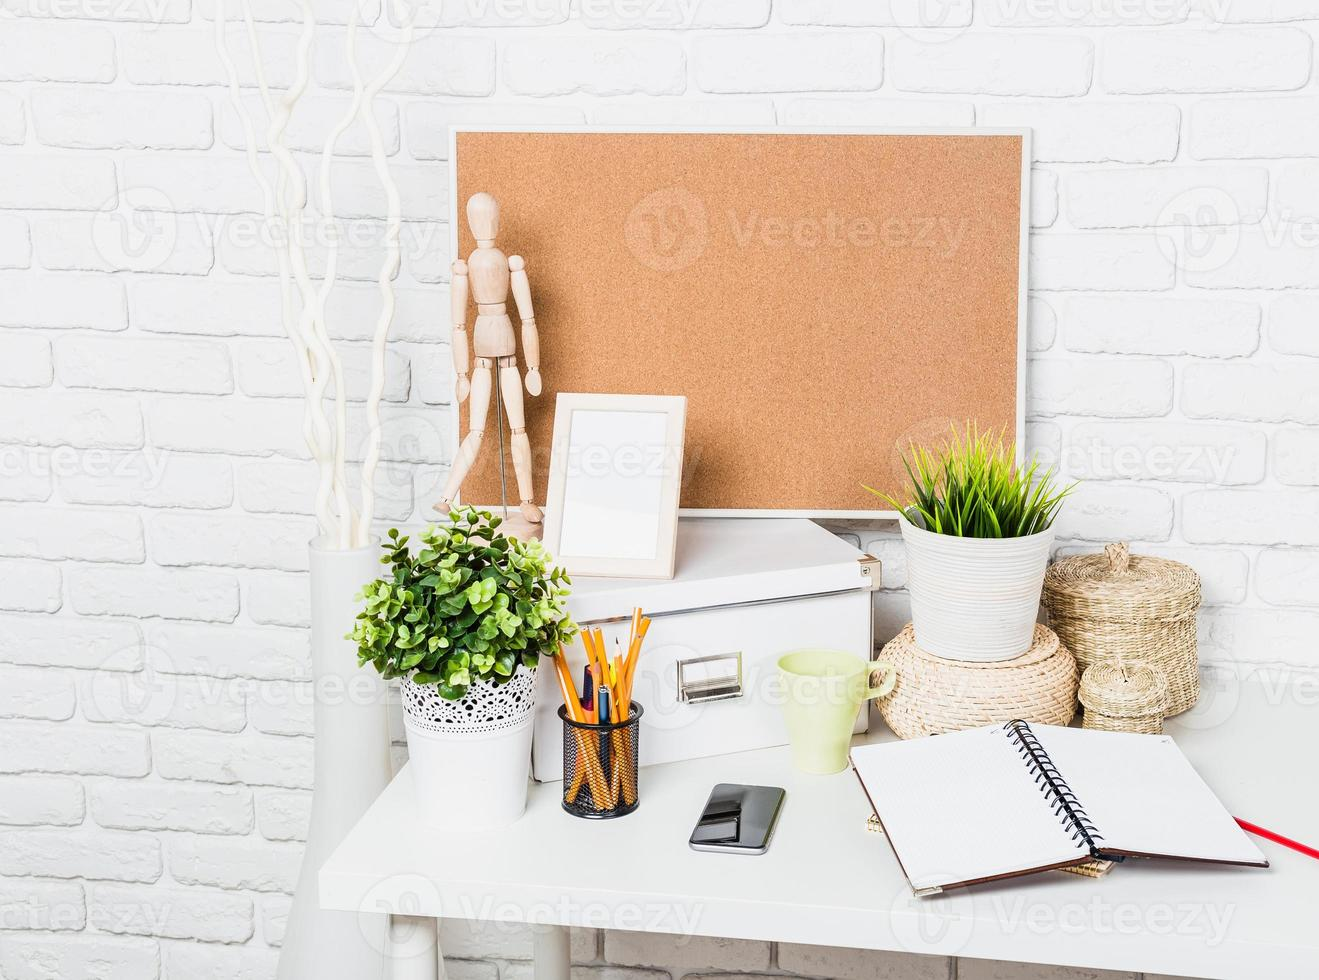 elegante espacio de trabajo en casa foto